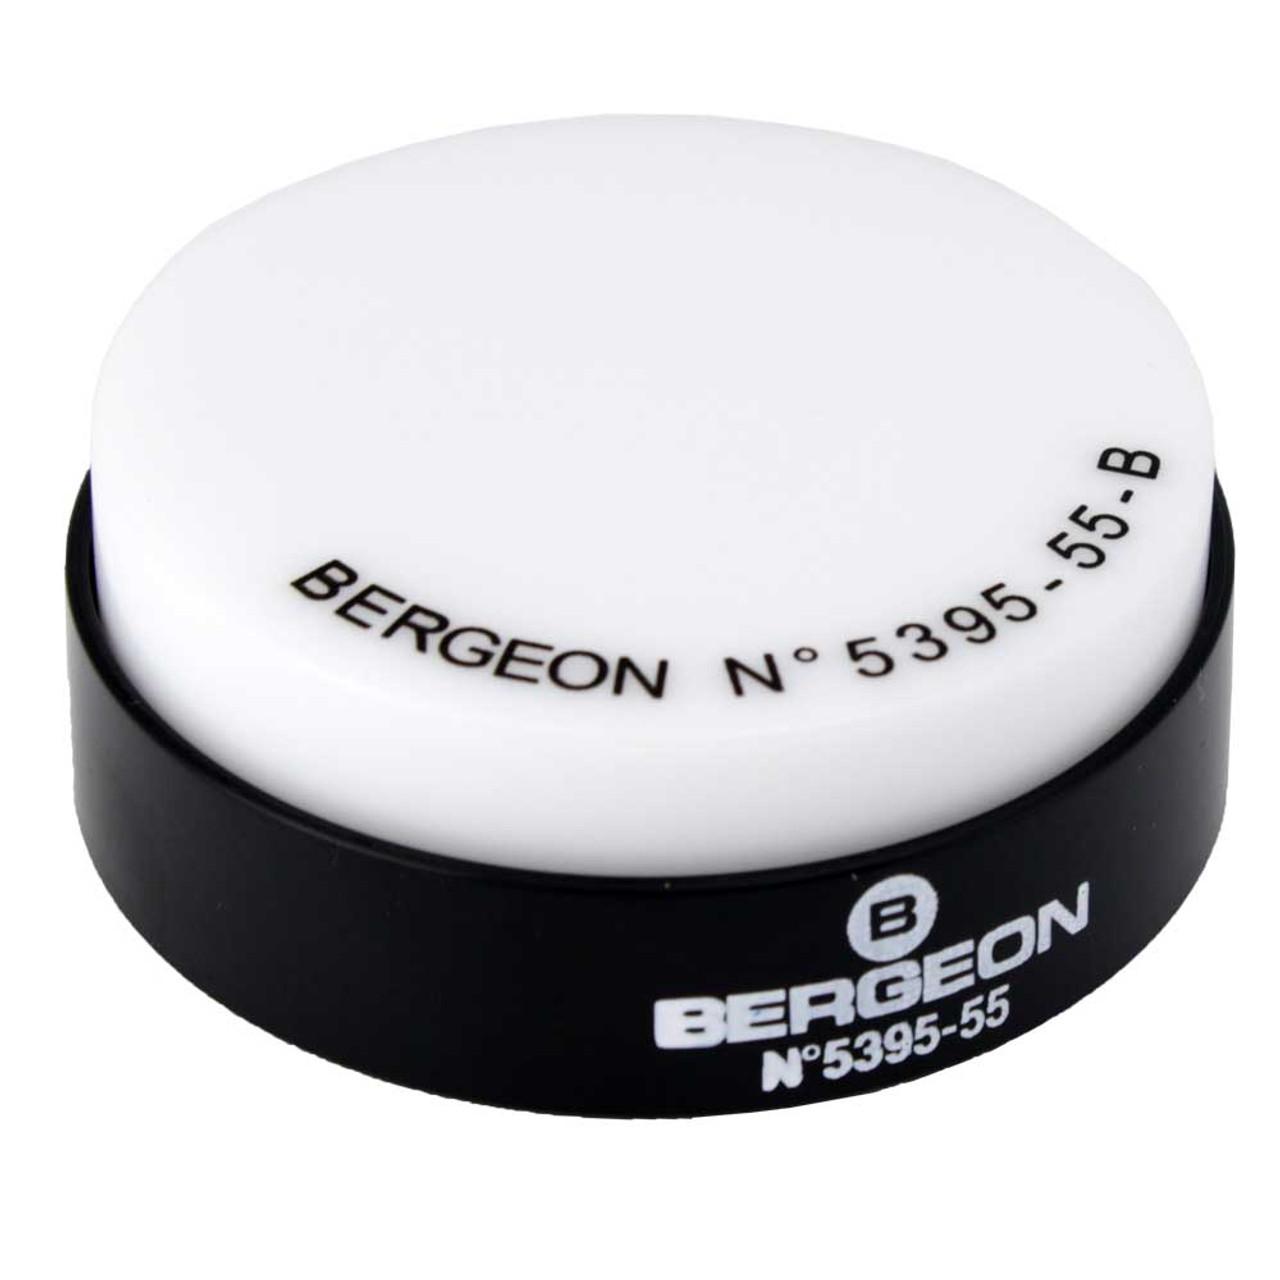 Bergeon 5395-55 Souple Gel Montre Étui Revêtement Coussin 55mm Suisse